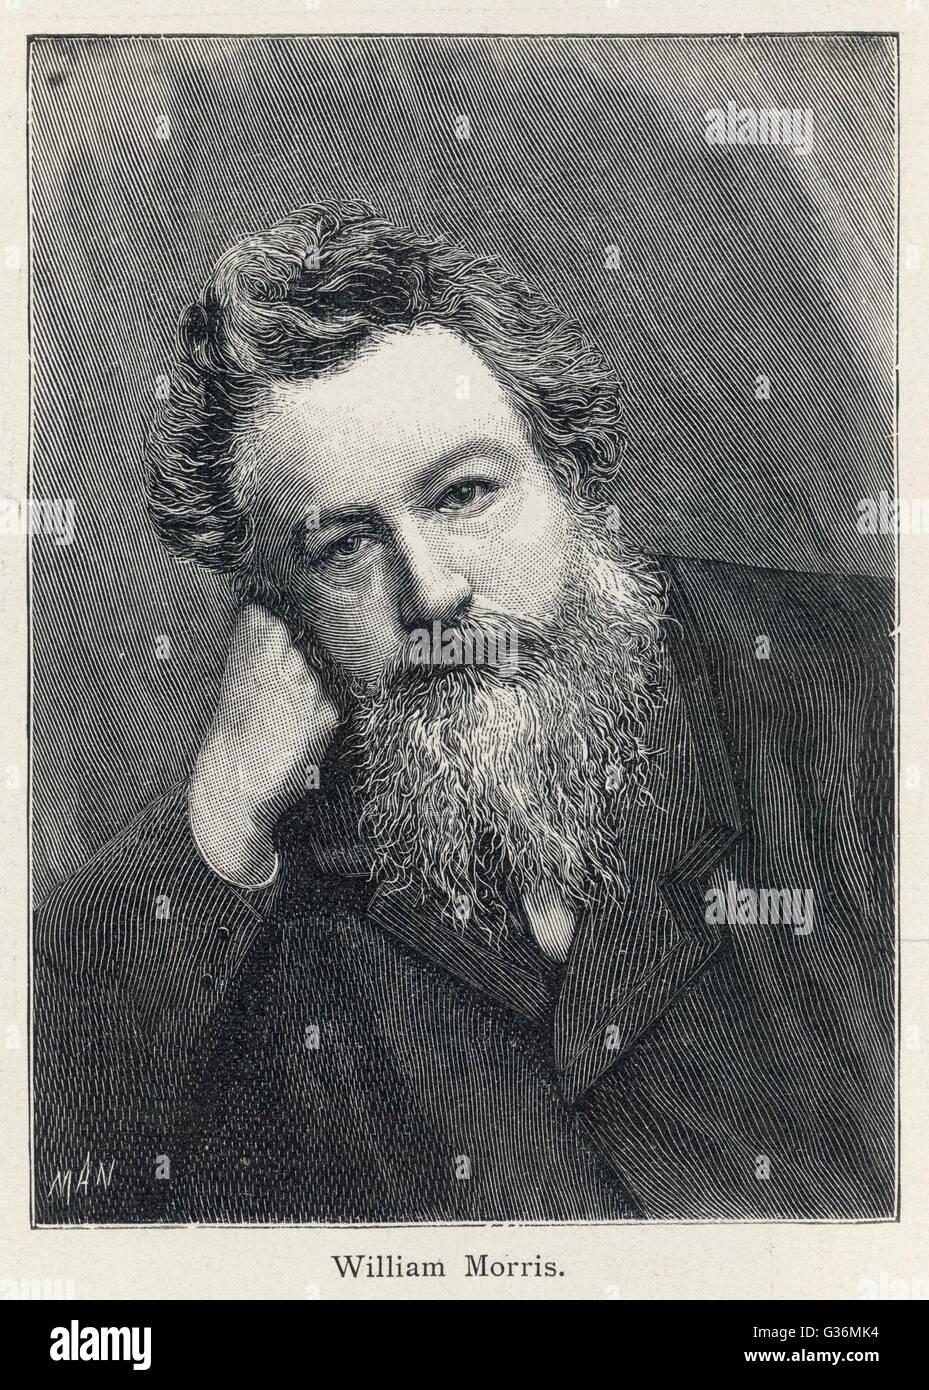 William Morris (1834-1896) writer, artist, designer - Stock Image